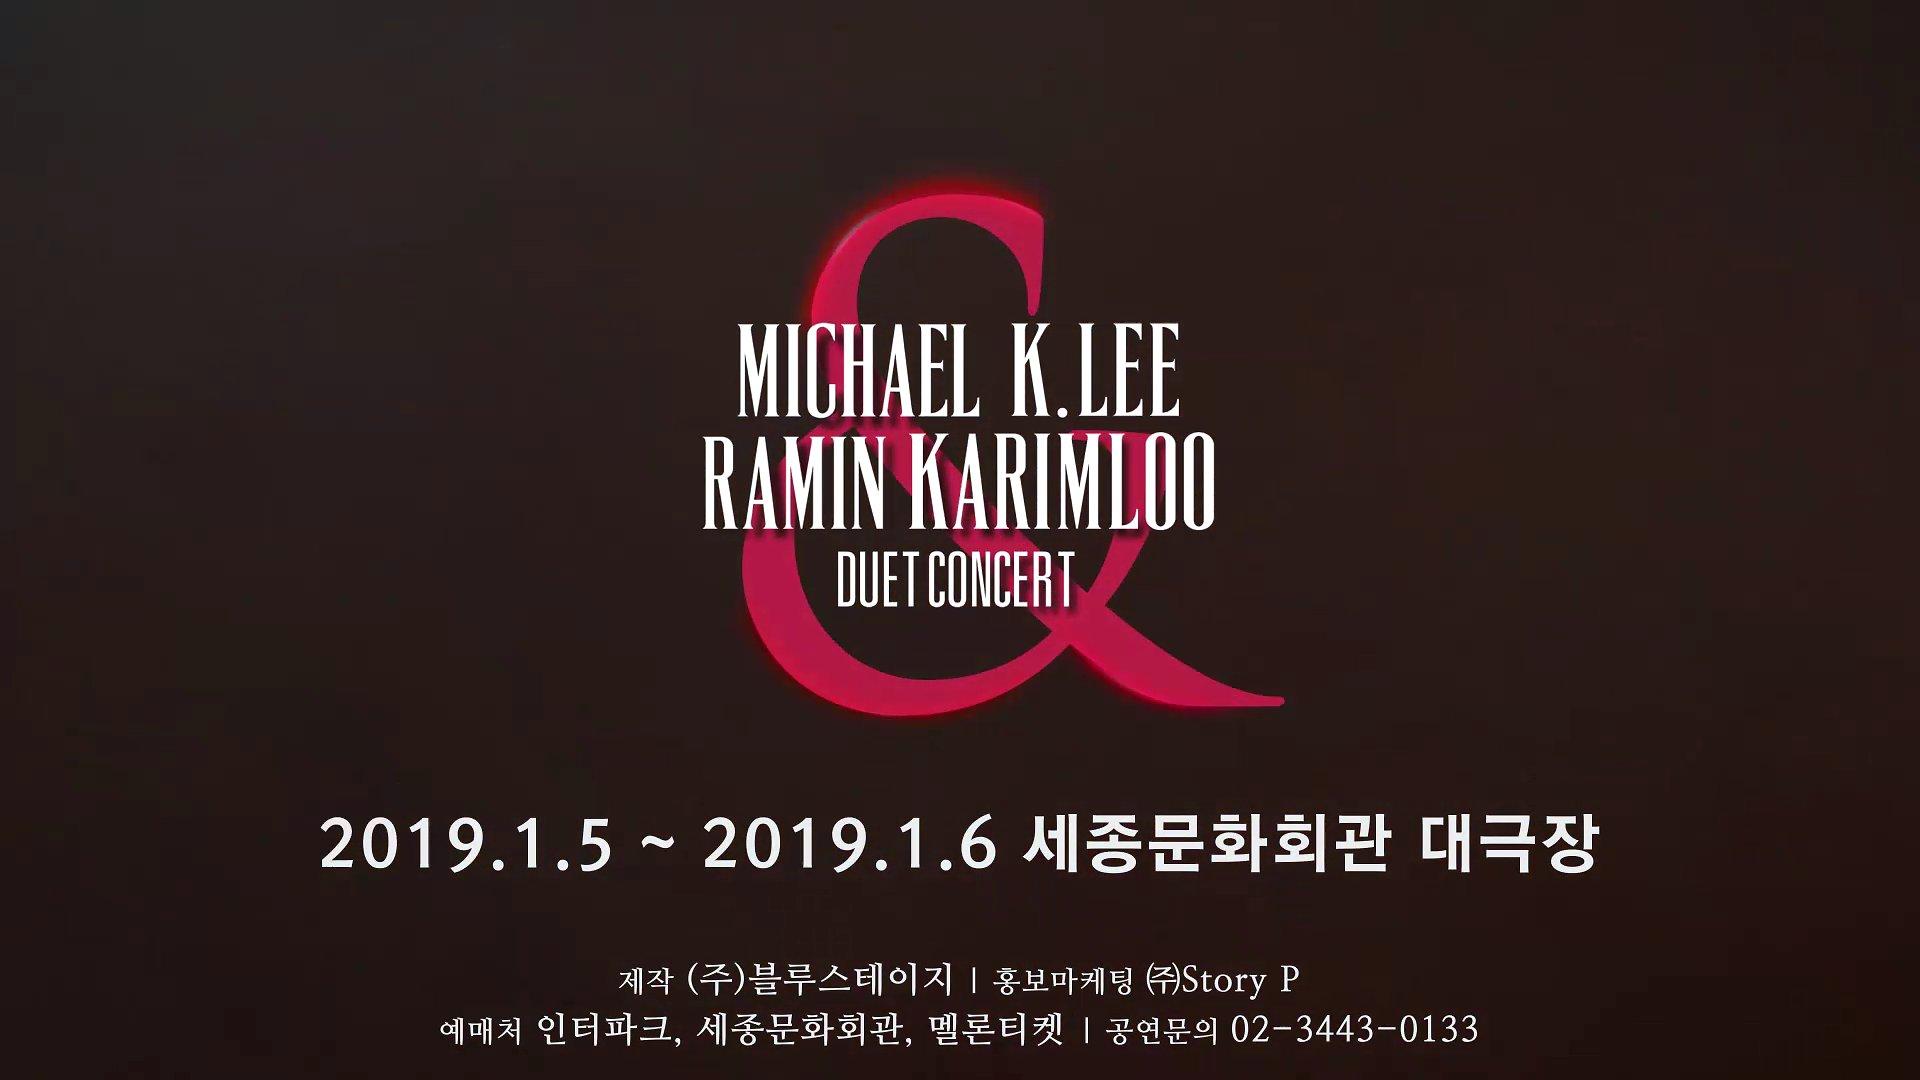 마이클 리 & 라민 카림루 듀엣 콘서트